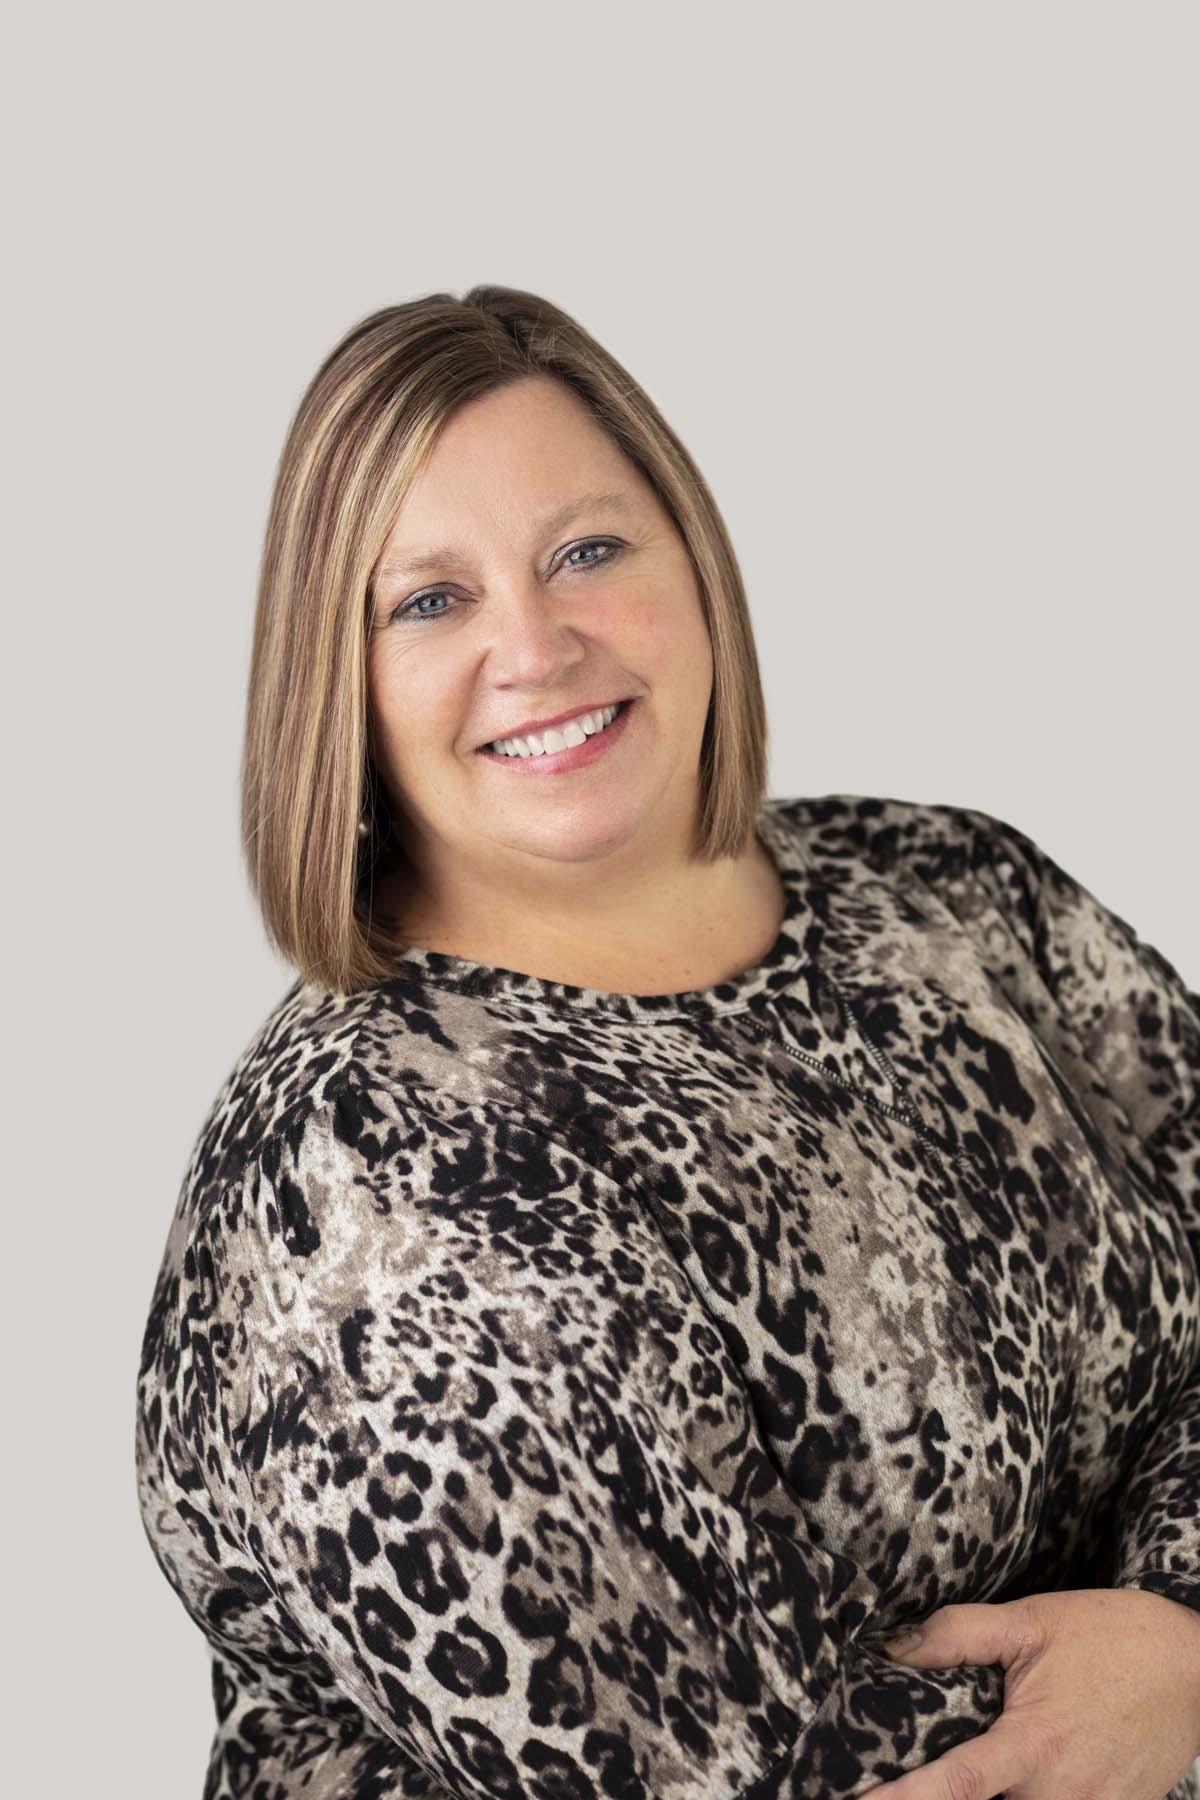 Lisa Dausman